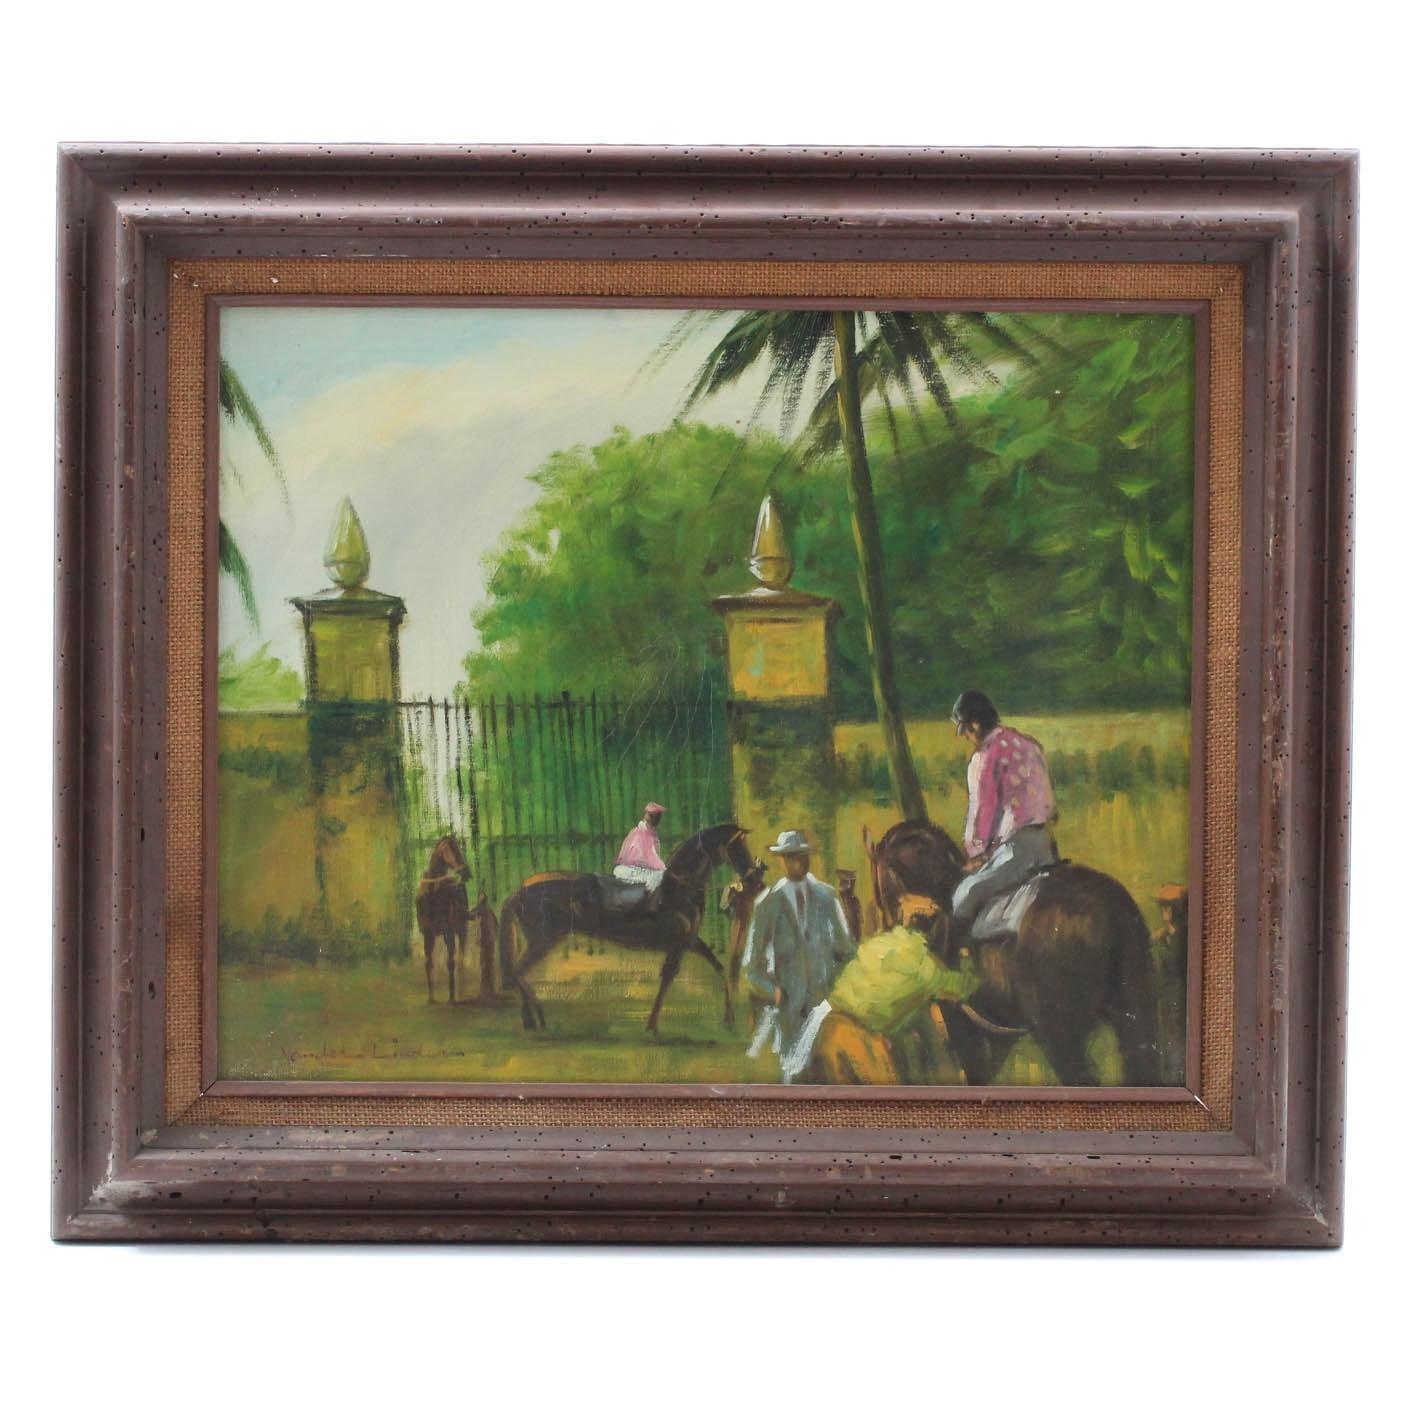 Vander Linder Oil Painting of Jockeys and Race Horses